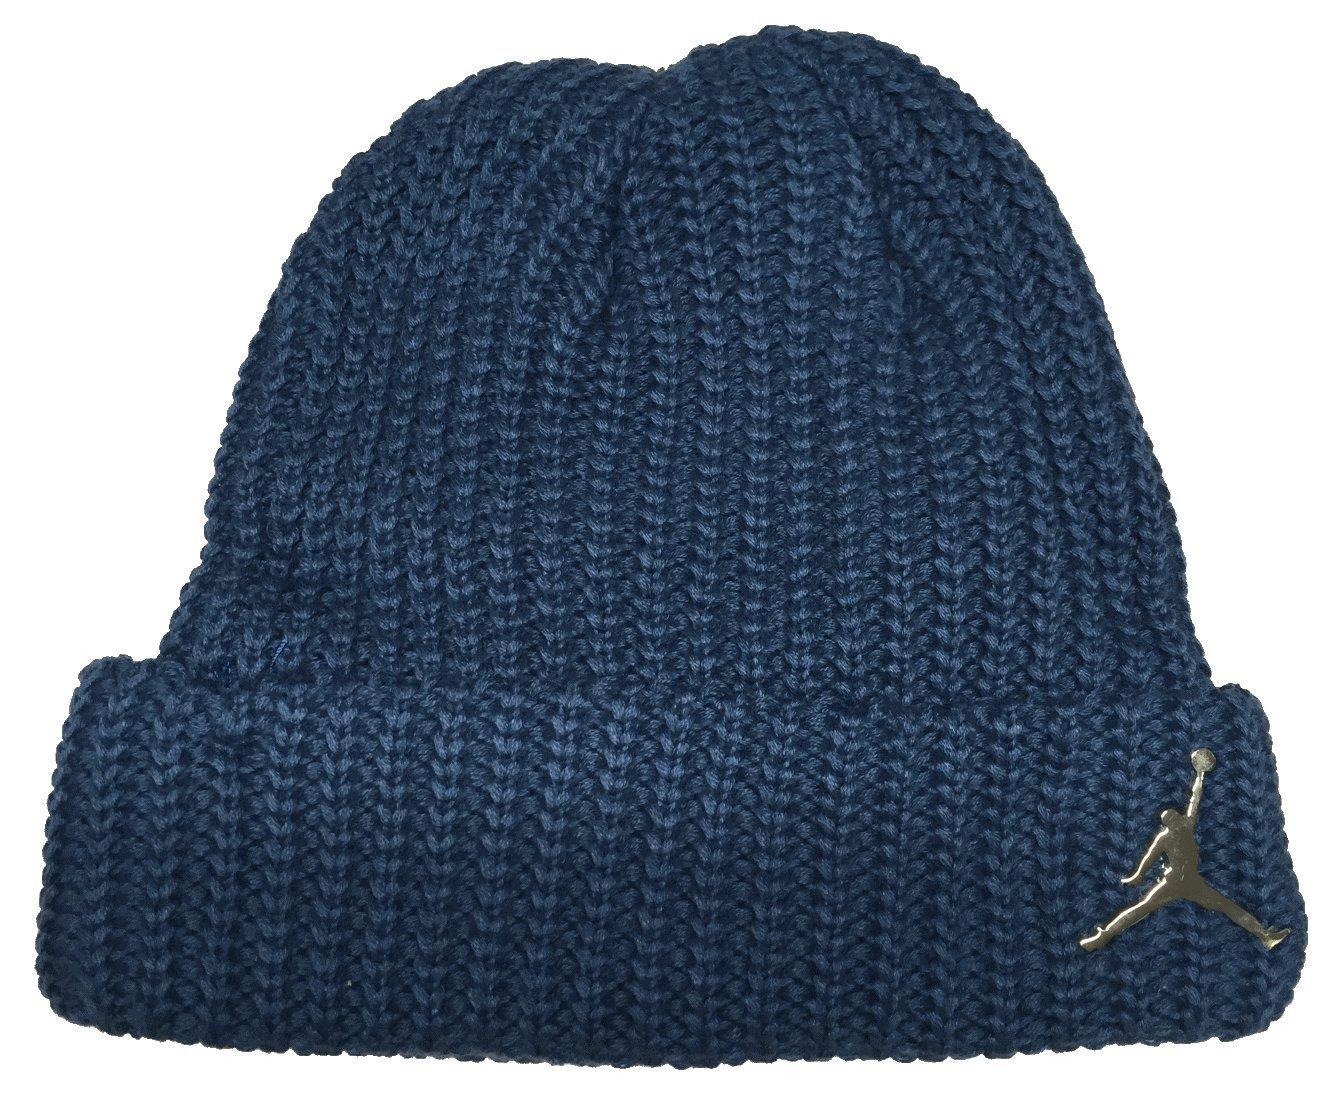 b27a5d5cc6e8b9 Amazon.com: Nike Jordan Jumpman Cuffed Boys' Knit HAT Metal Logo ONE ...